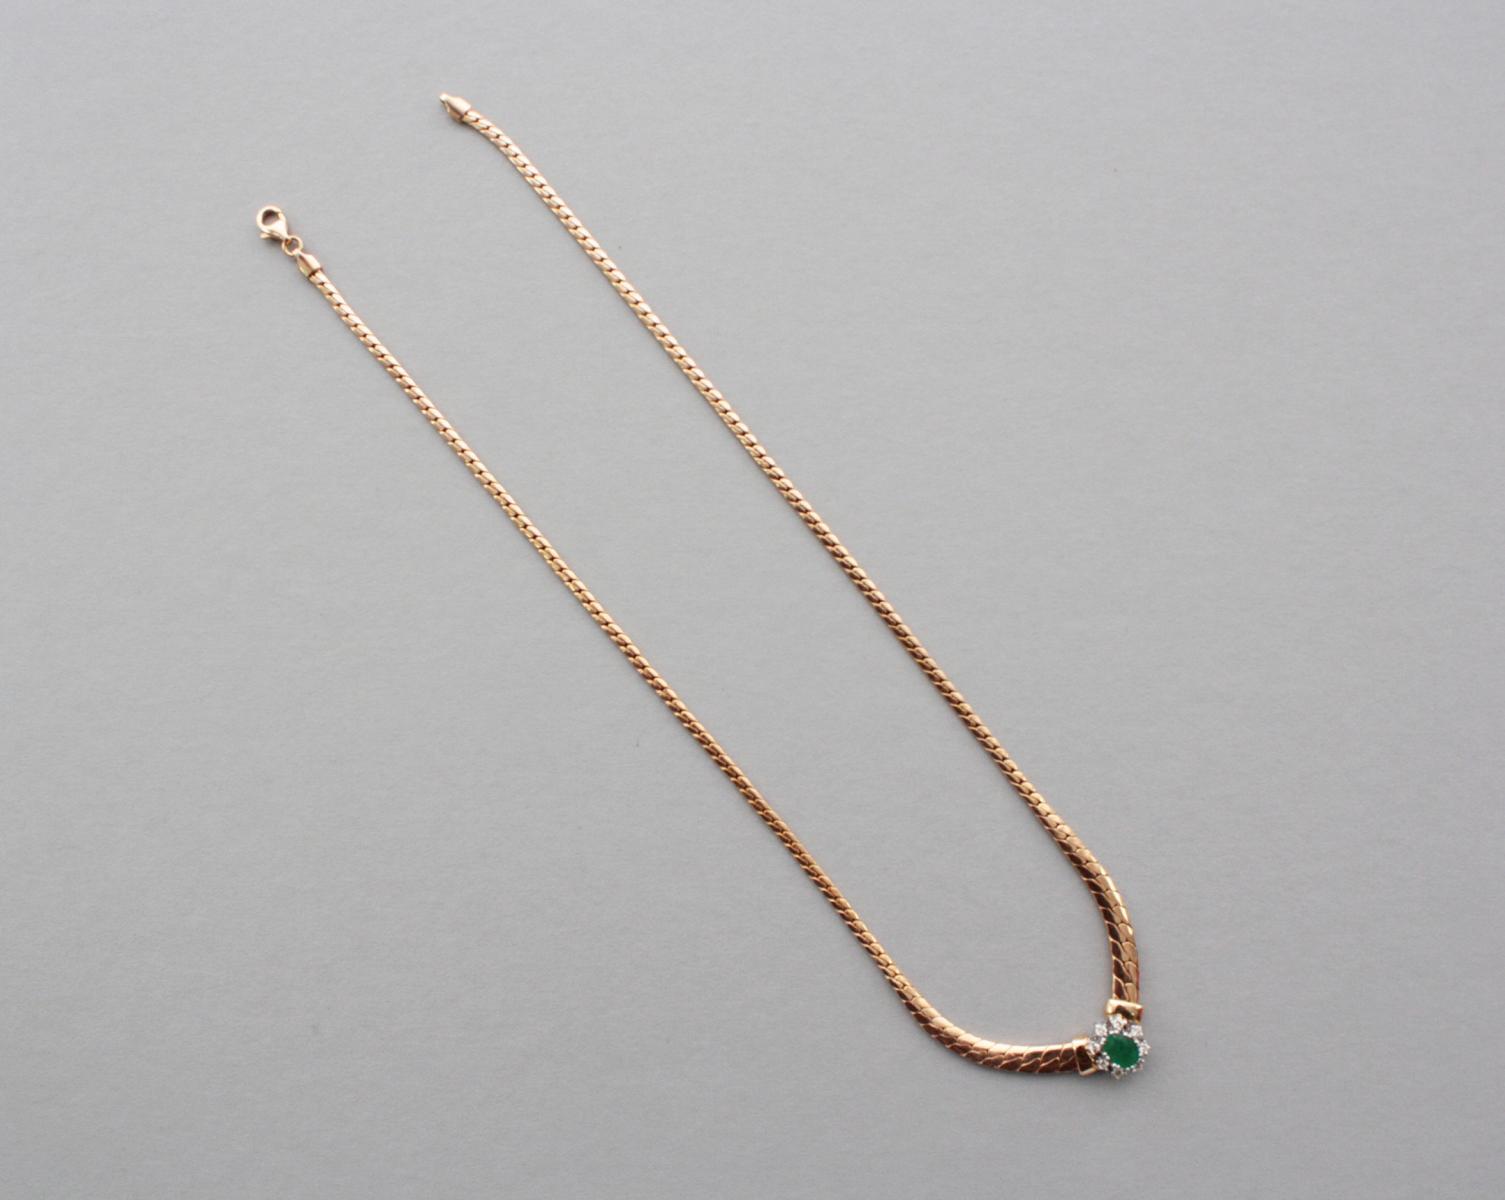 Collier mit Smaragd und Diamanten  14 Karat Gelbgold-2